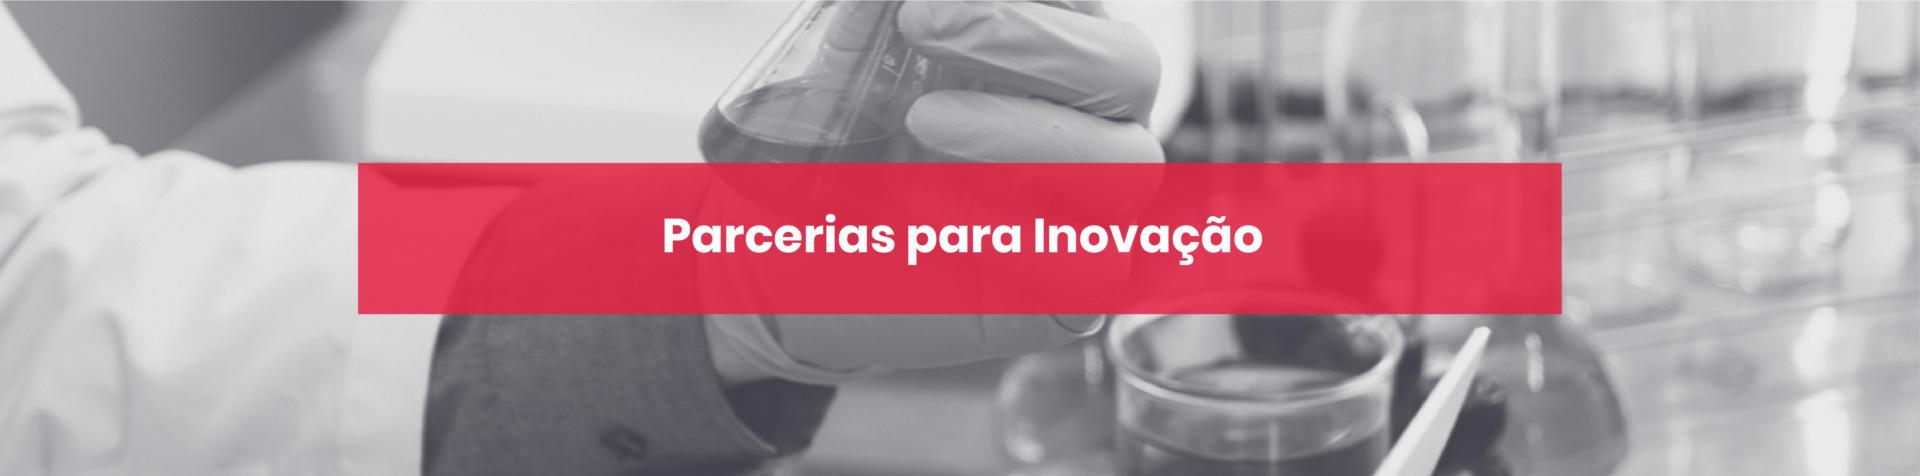 Parcerias para Inovação